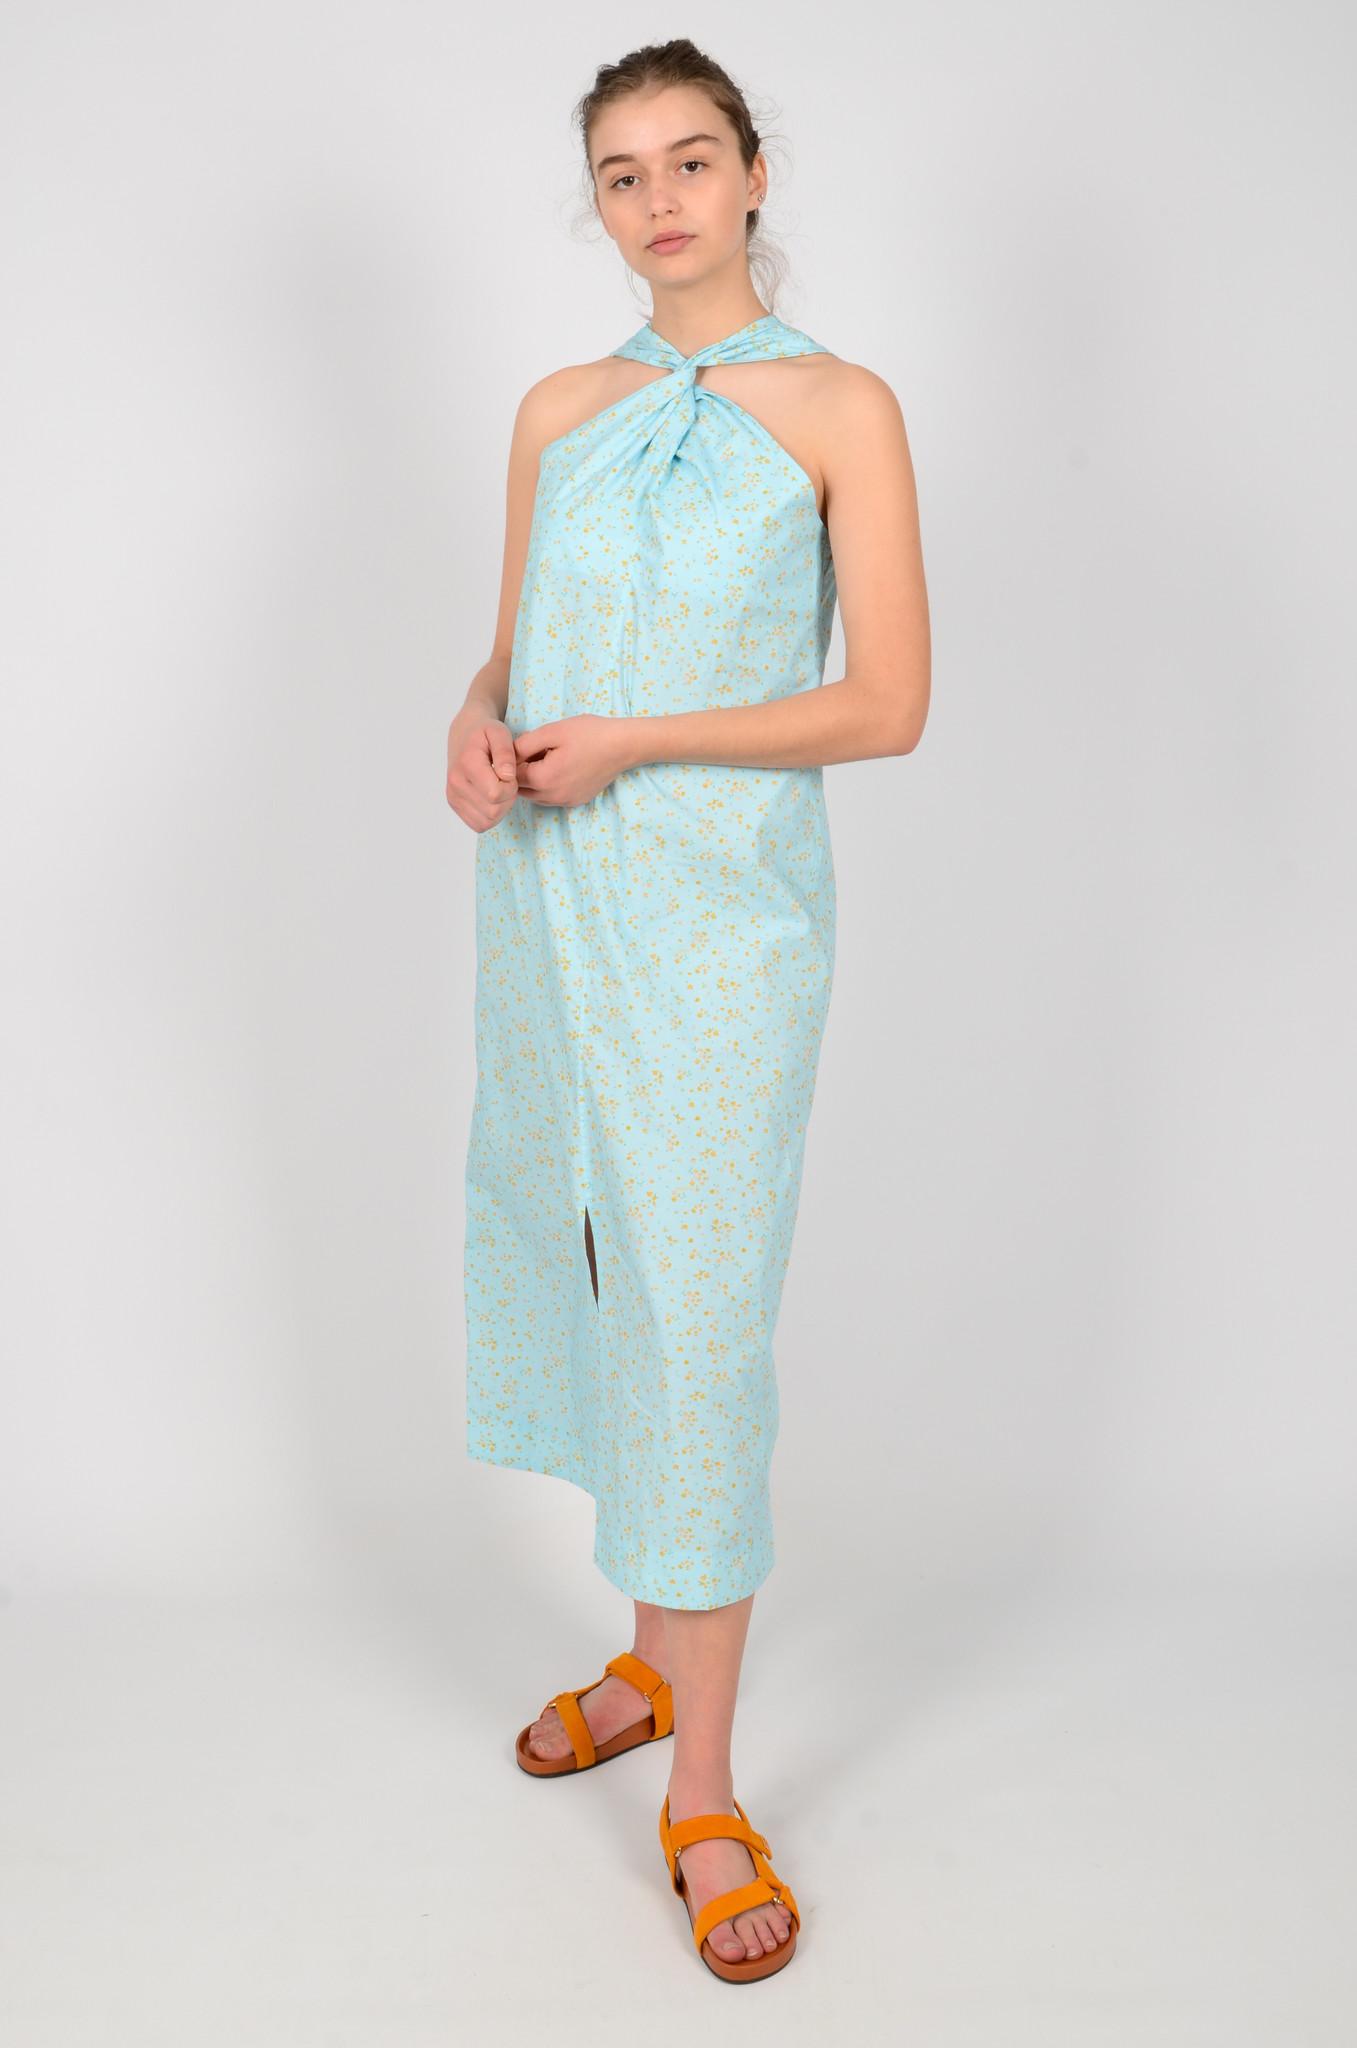 FLORAL HALTER NECK DRESS-6